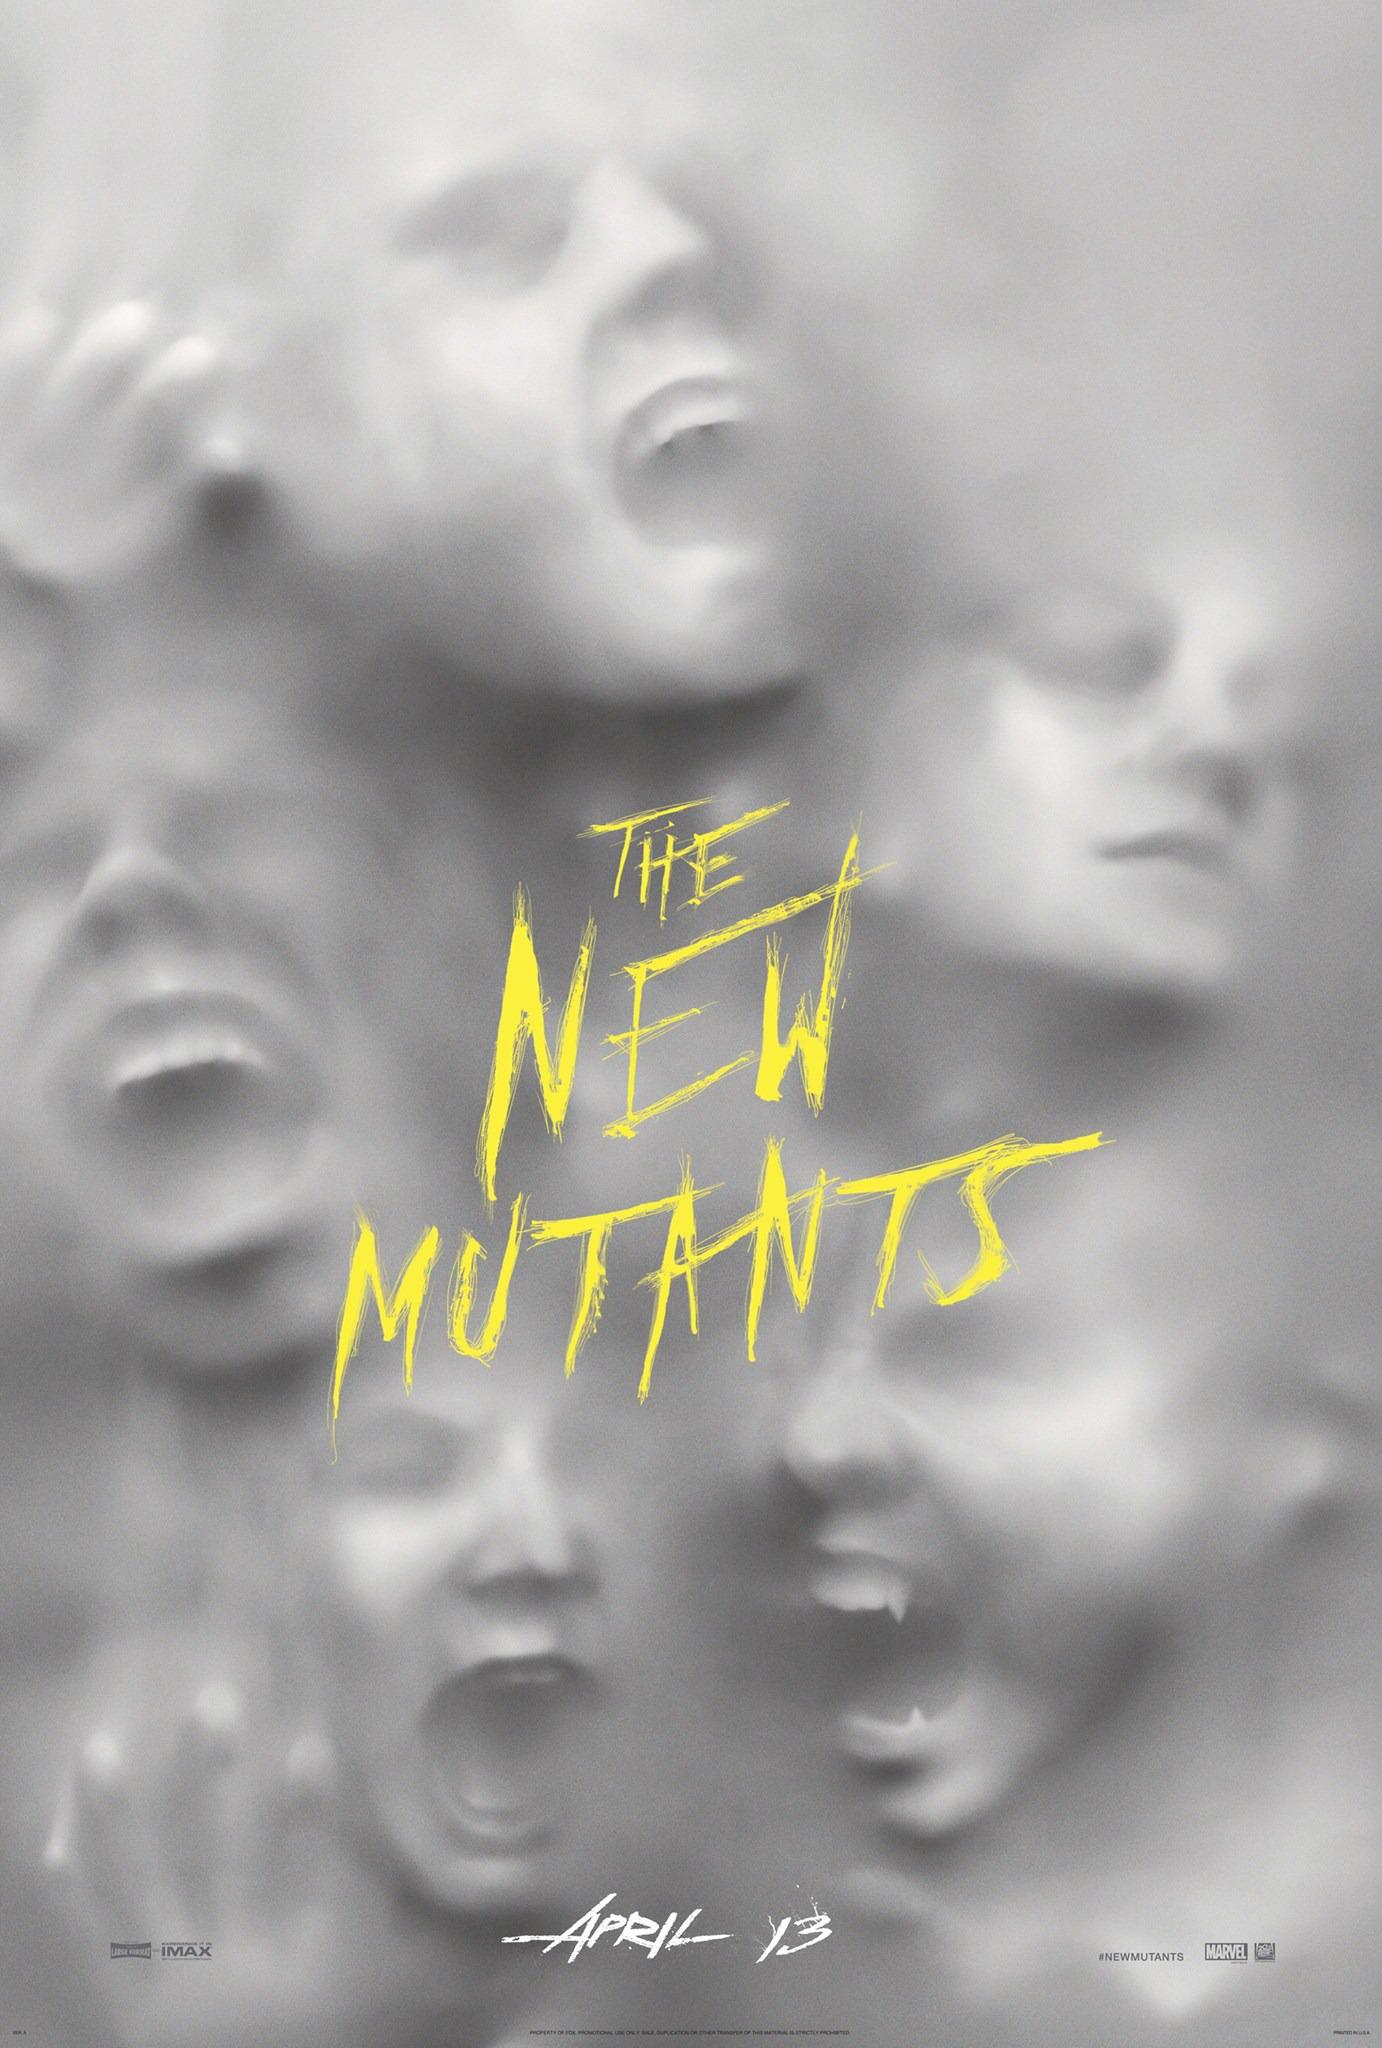 szmk_new_mutants_poszter.jpg